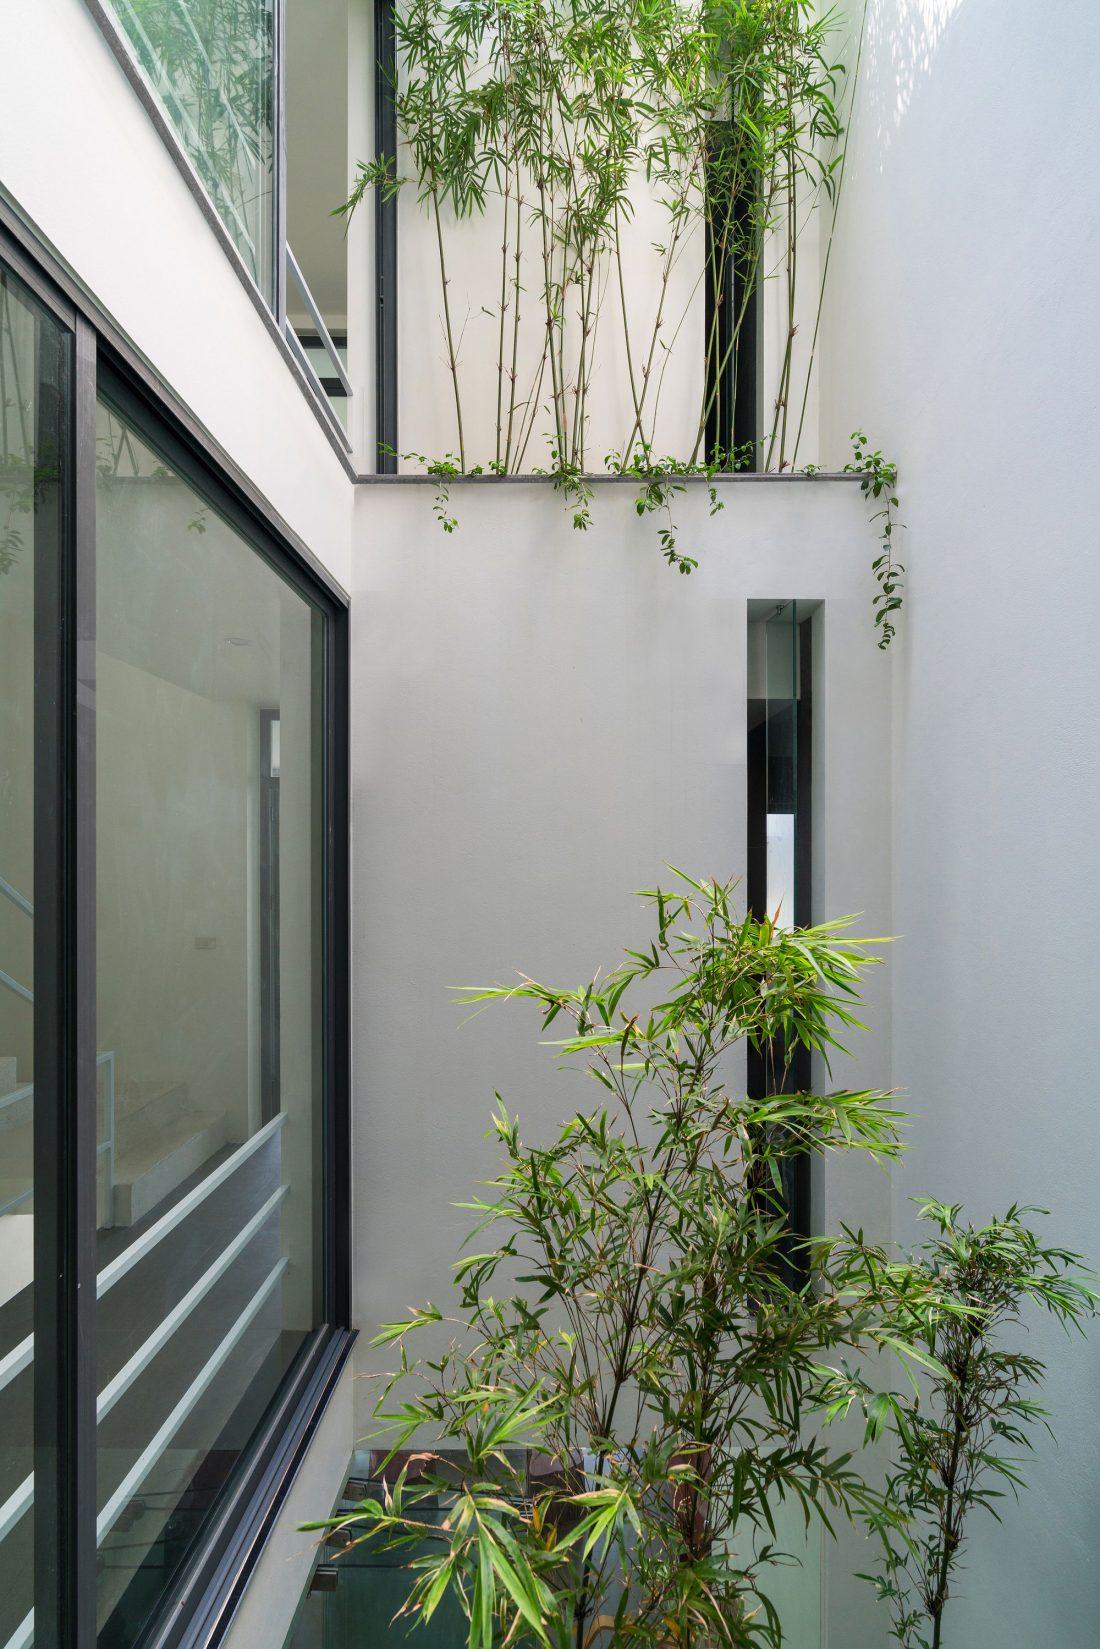 dom-v-derevyah-fotografii-neobychnogo-doma-v-vetname-10